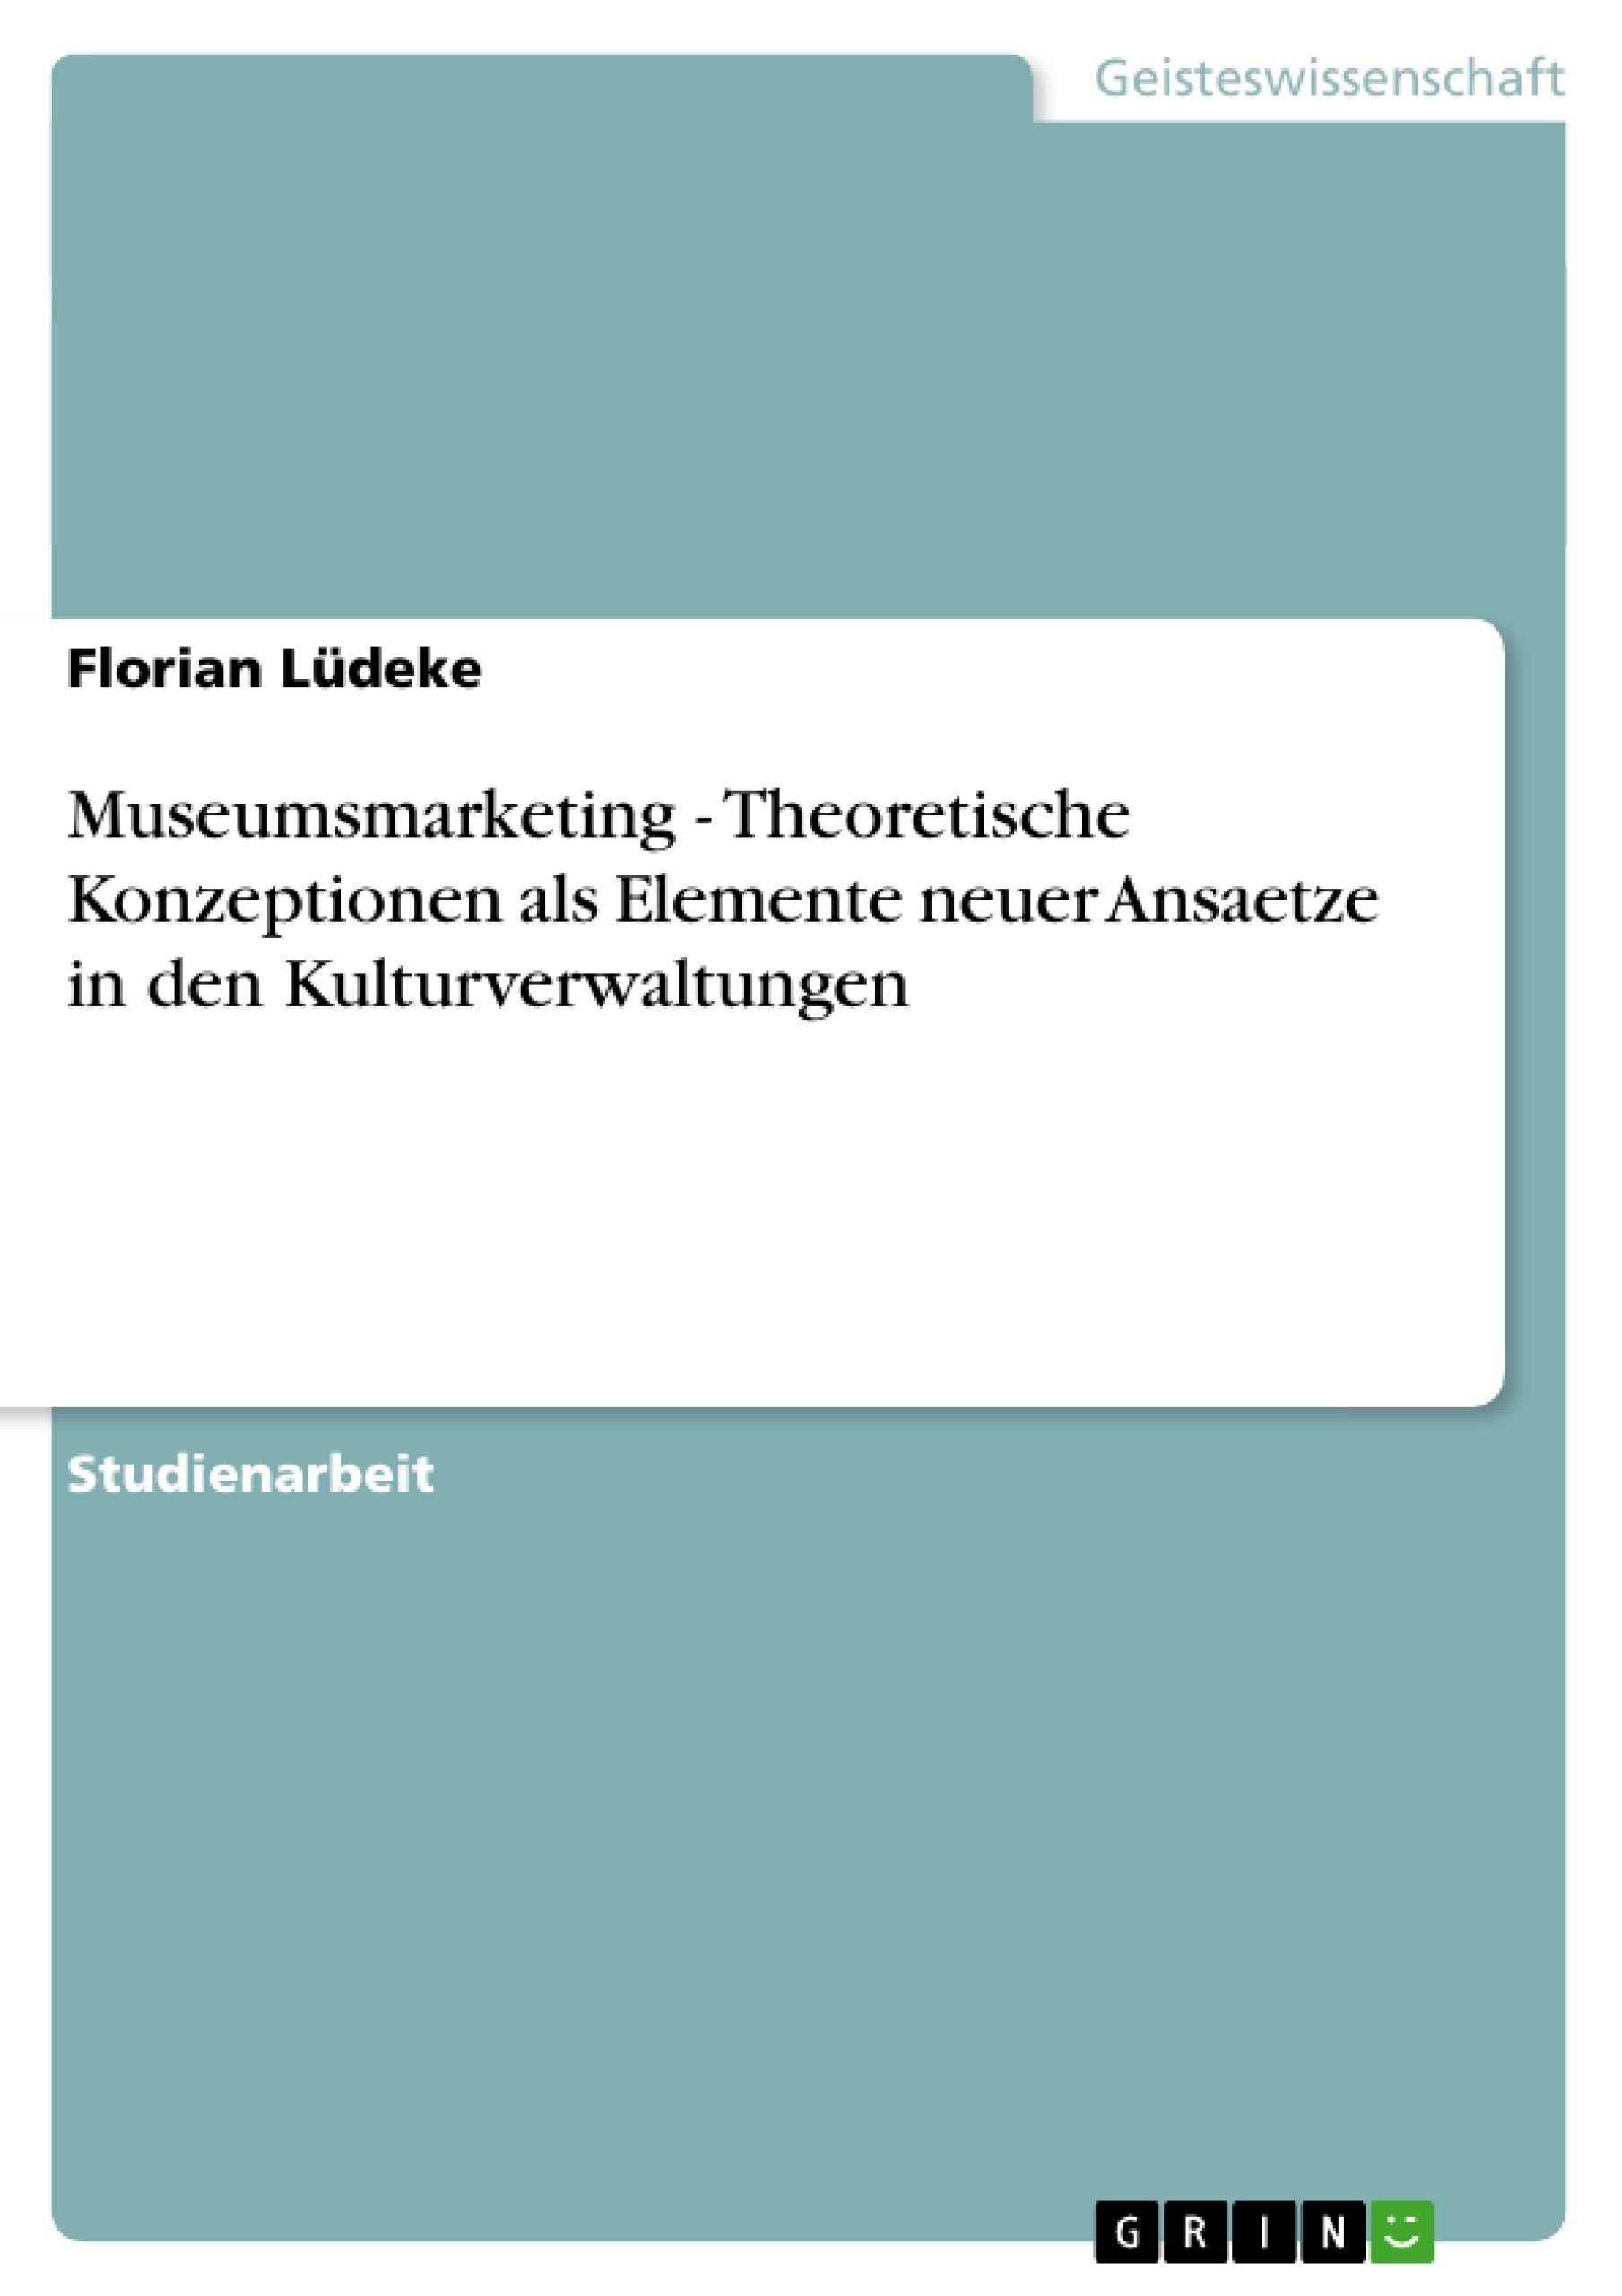 Titel: Museumsmarketing - Theoretische Konzeptionen als Elemente neuer Ansaetze in den Kulturverwaltungen